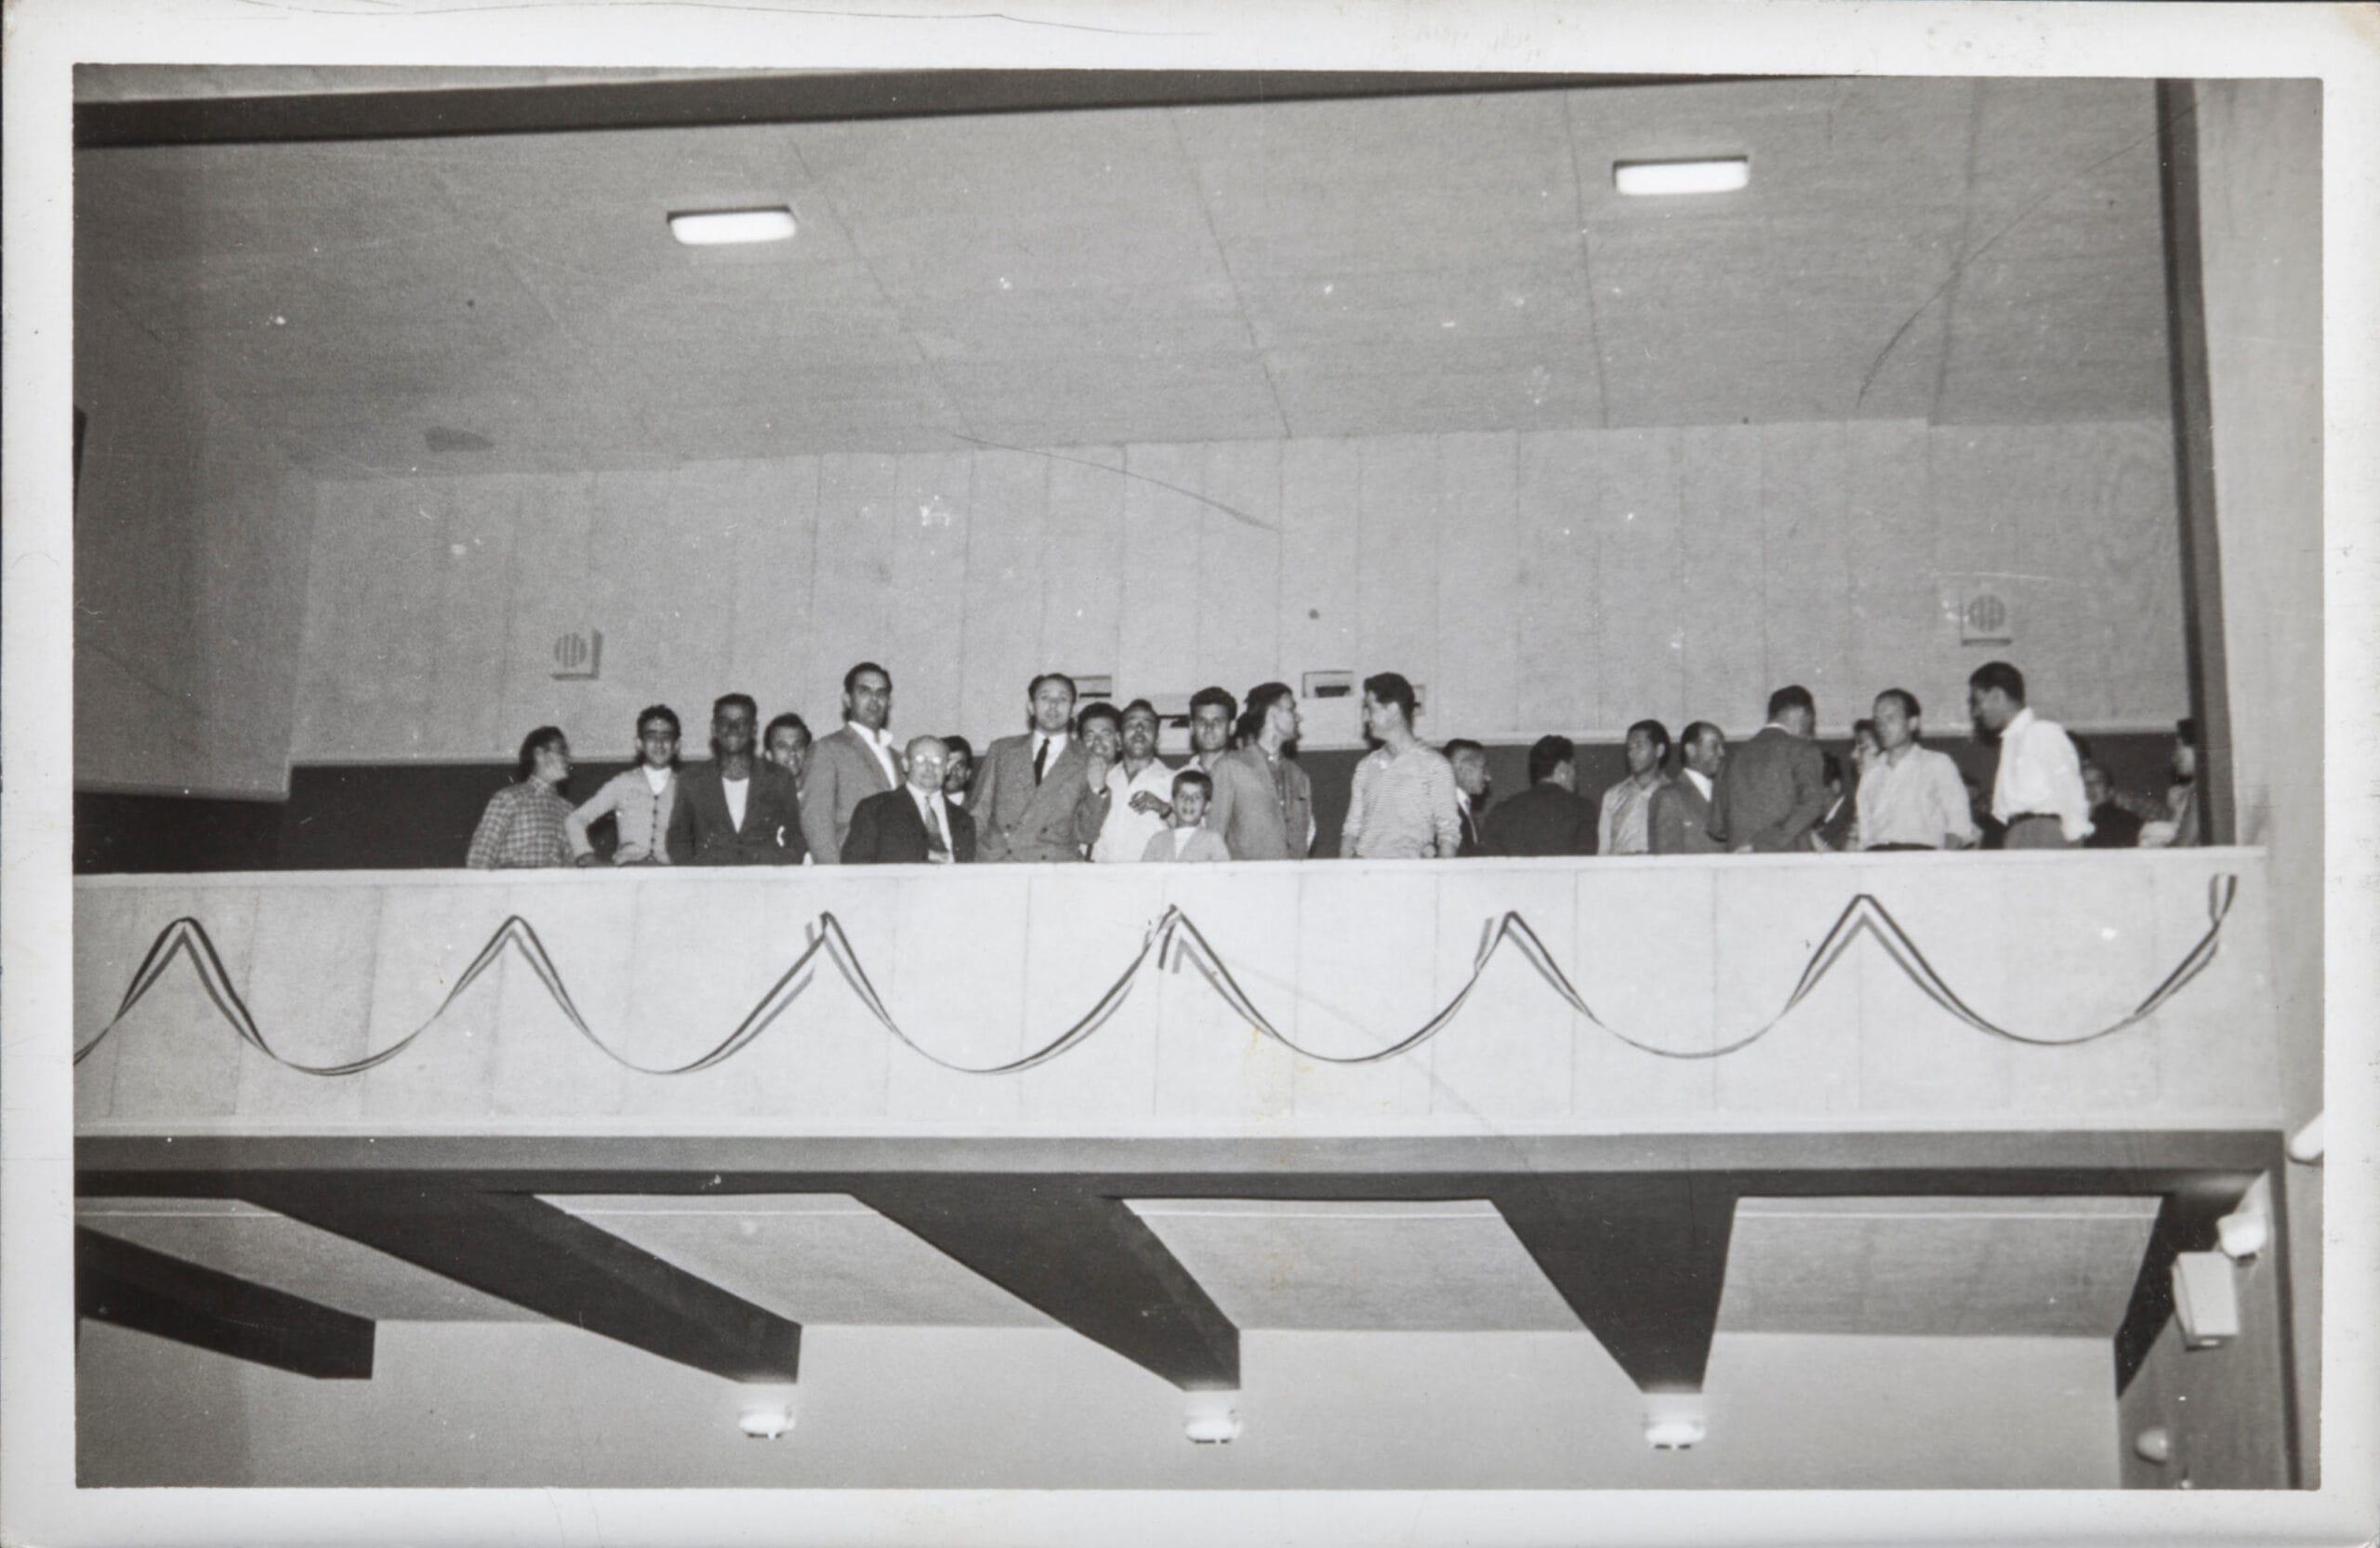 La galleria del cinema il giorno dell'inaugurazione. 1956